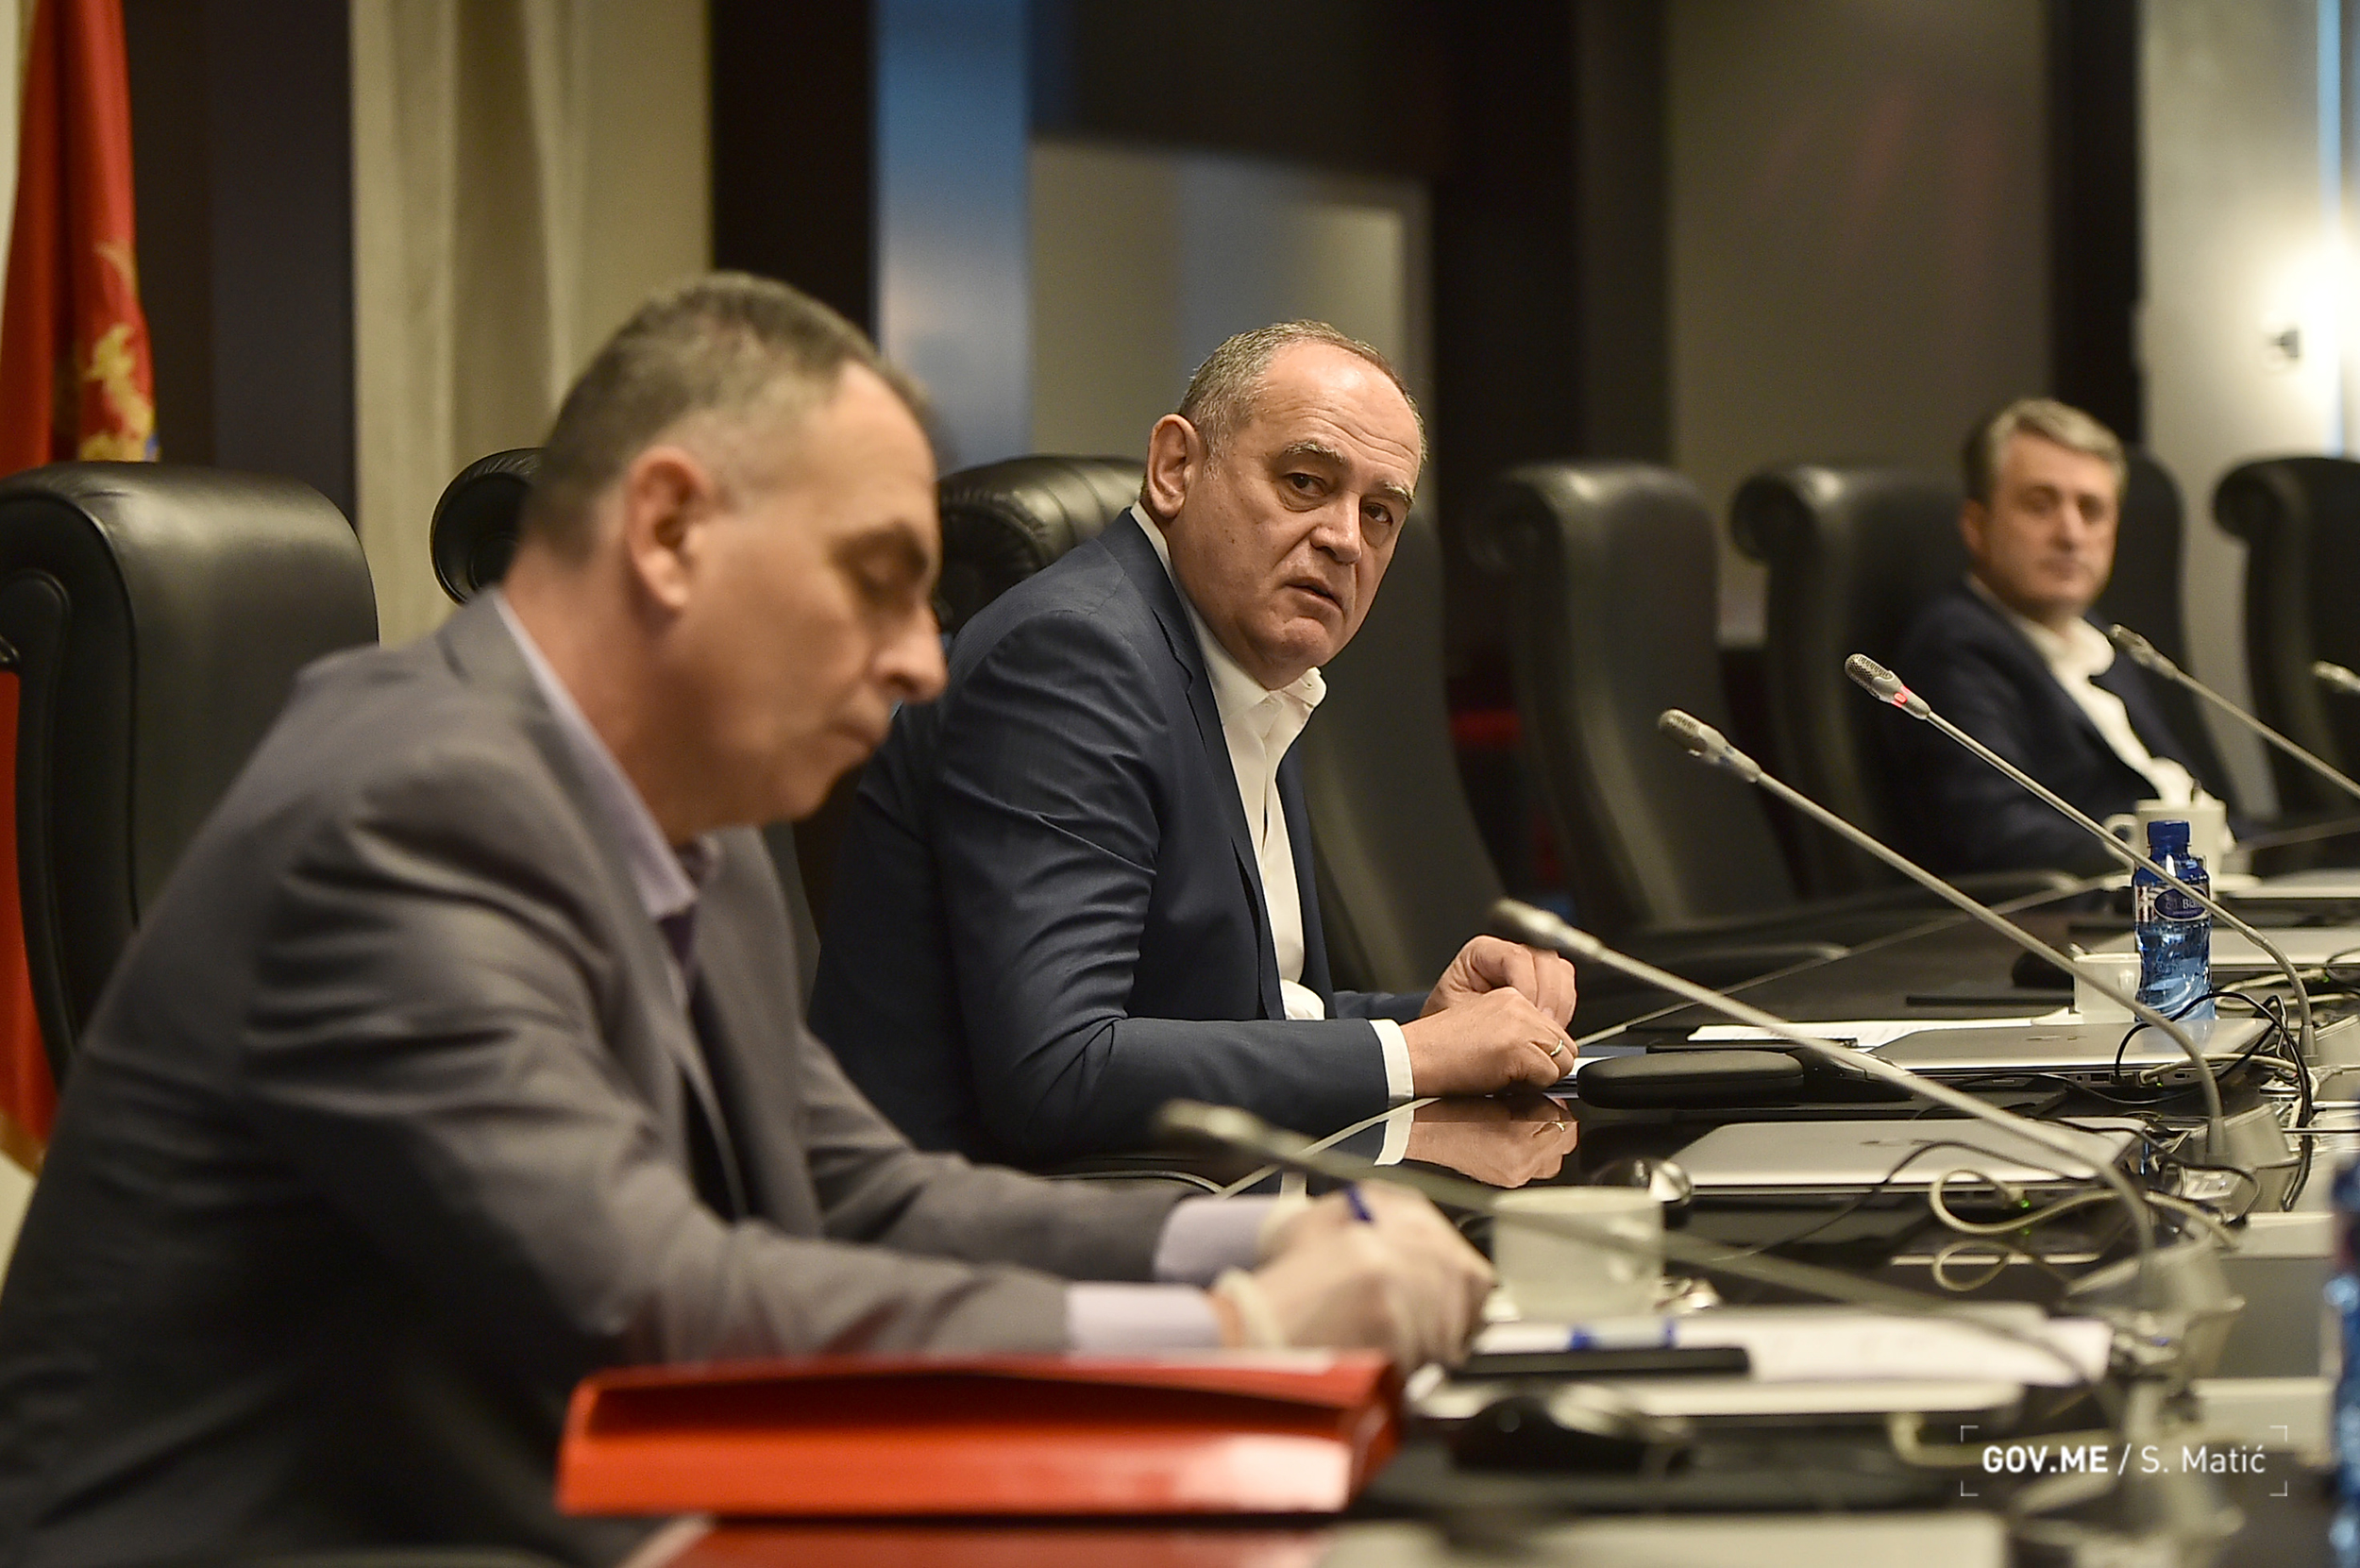 Potvrđen slučaj COVID19 u naselju Vrela Ribnička, kretanje će biti moguće i nedjeljom